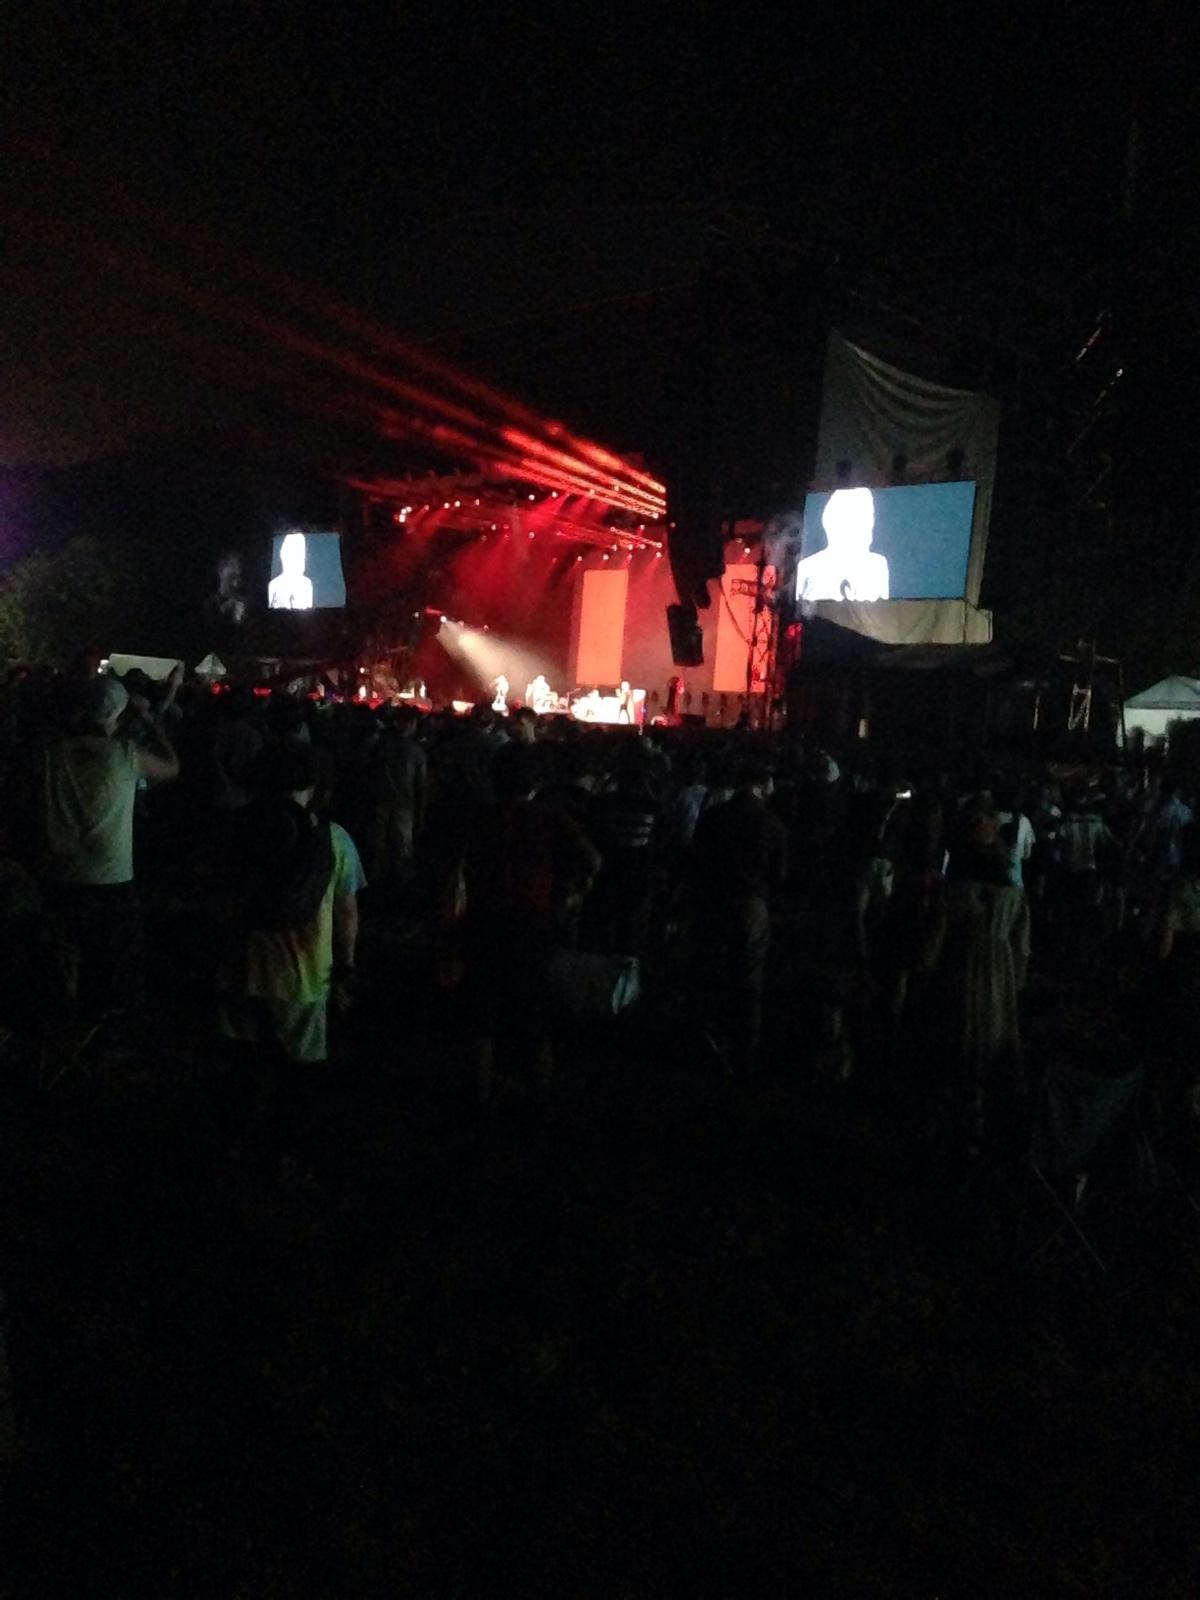 フジロックフェスティバル14 1日目(2014/7/25金曜日)